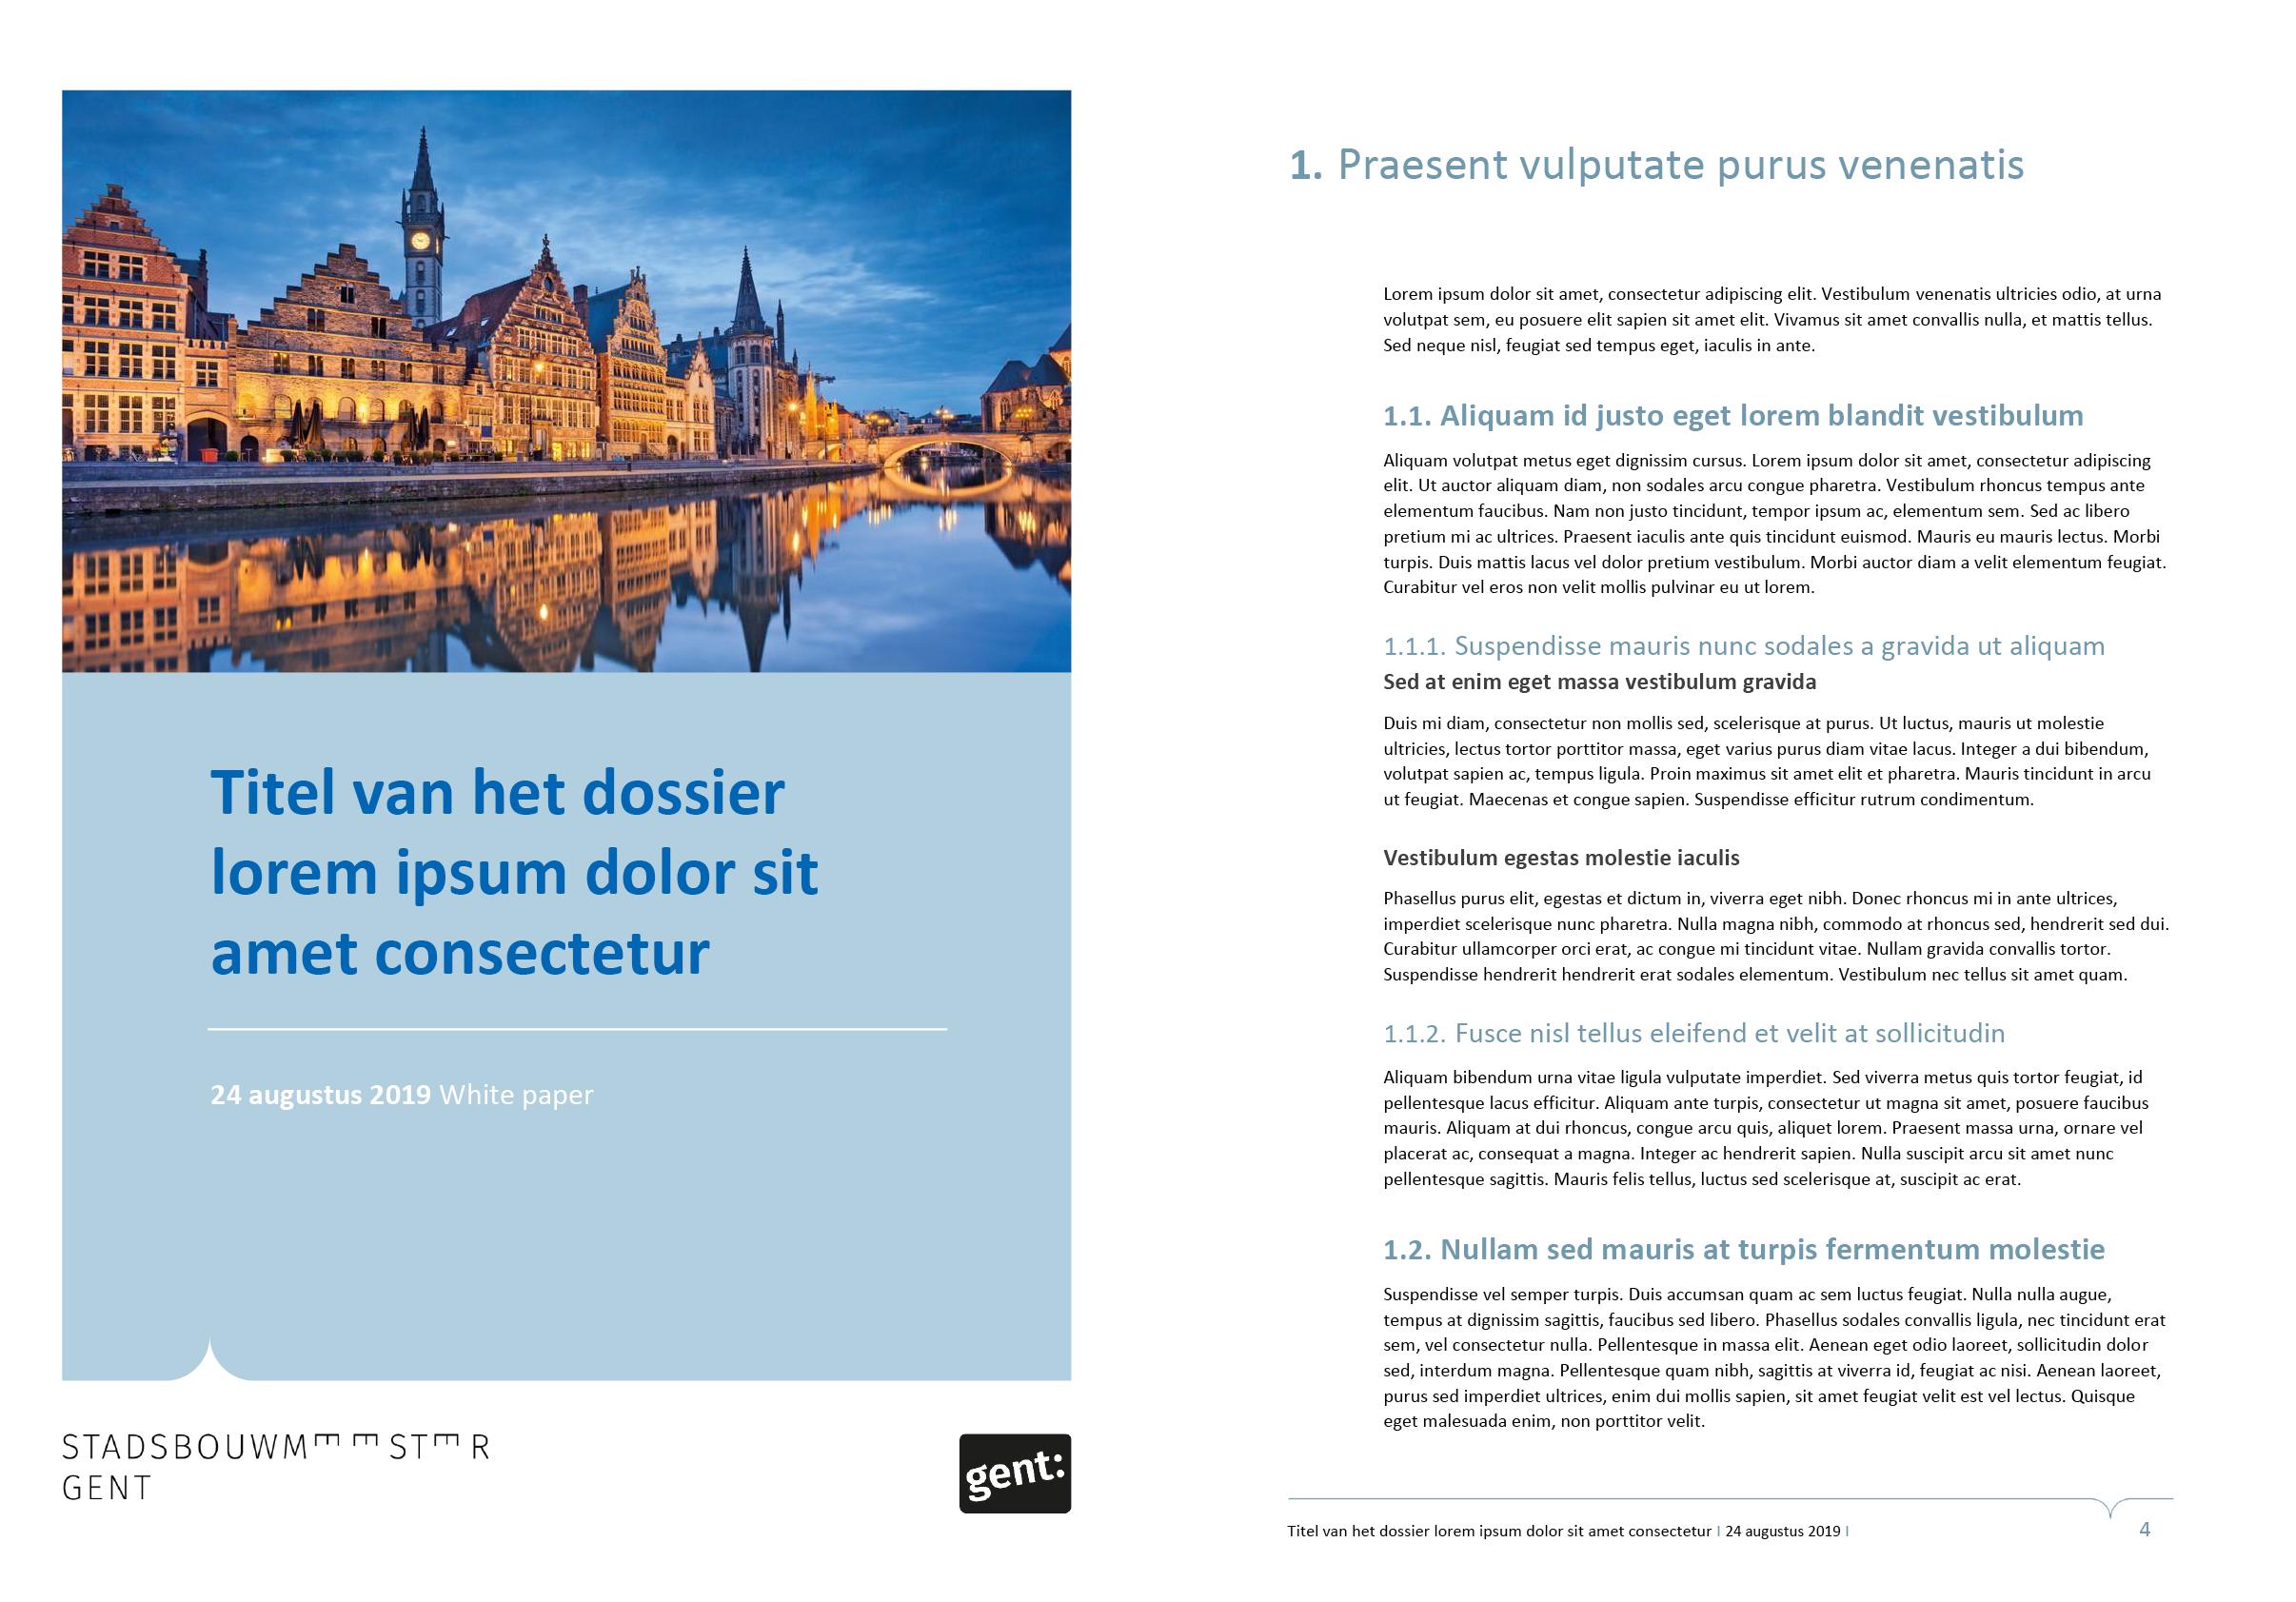 Dossier, gepersonaliseerd voor het submerk van de Stadsbouwmeester Gent. Voorblad en tekstpagina (ingevuld). Microsoft Word-sjabloon voor de Stad Gent.